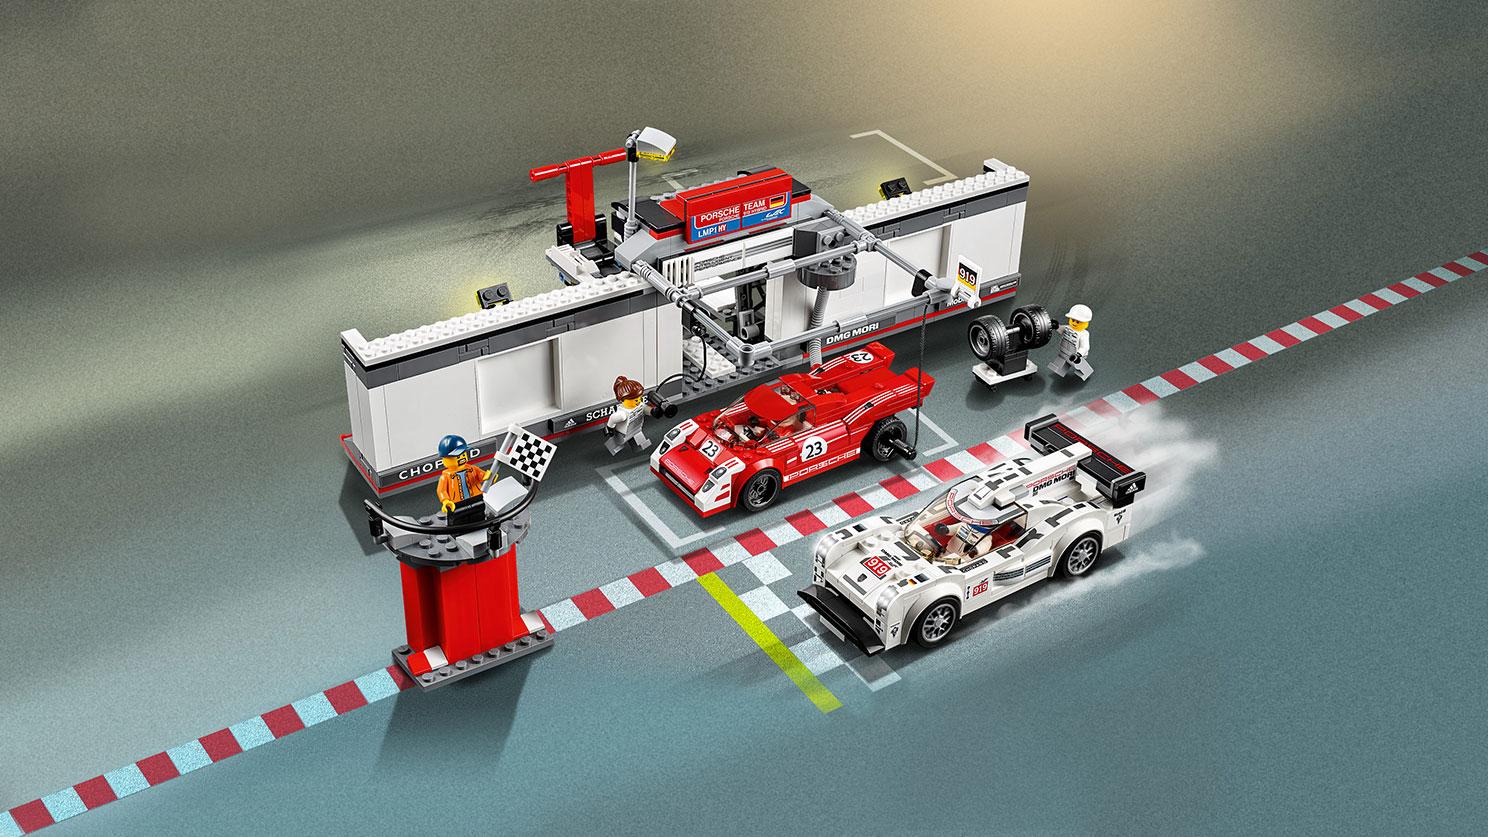 9 Lego Creaties Die Echt Geproduceerd Zijn Door Lego Zelf